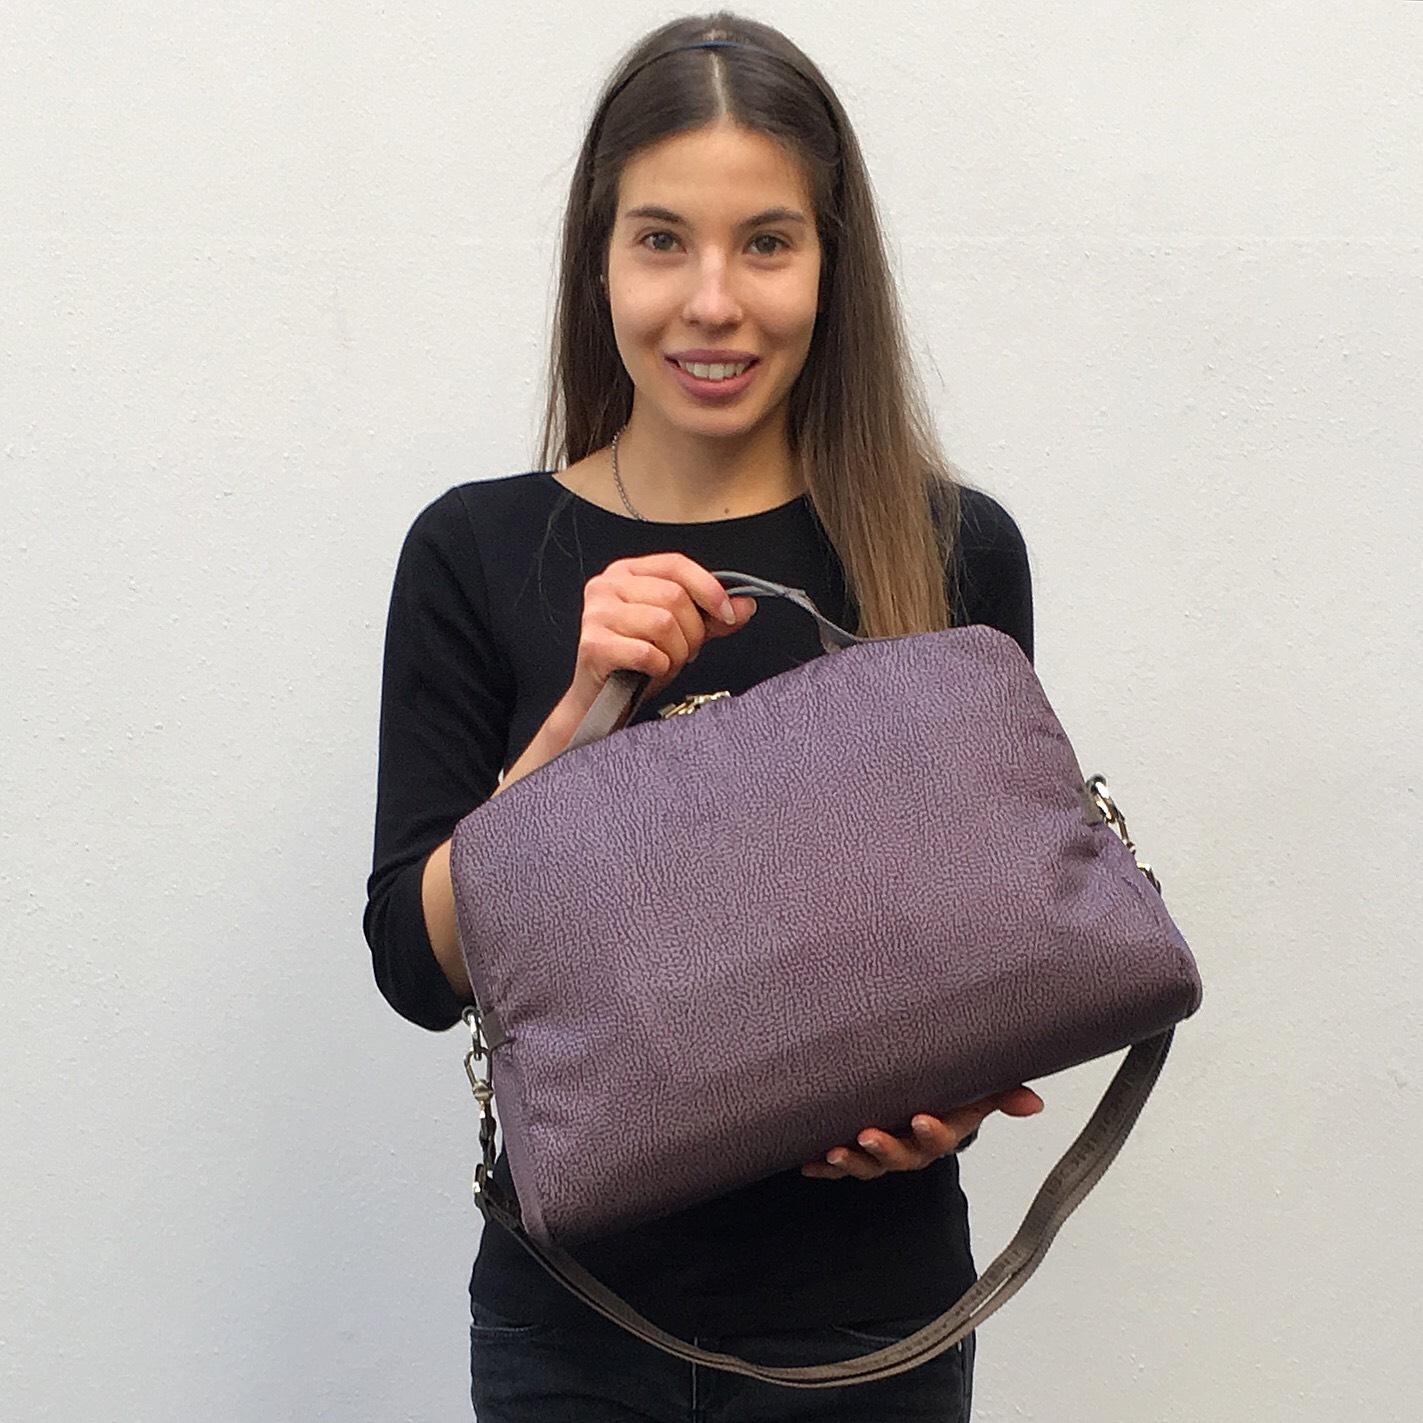 cc0e132096 Se invece prediligete la vera, storica borsa a mano, apprezzerete il  restyling dell'iconica Savile bag presentata con una nuova sinuosa chiusura  con zip ...